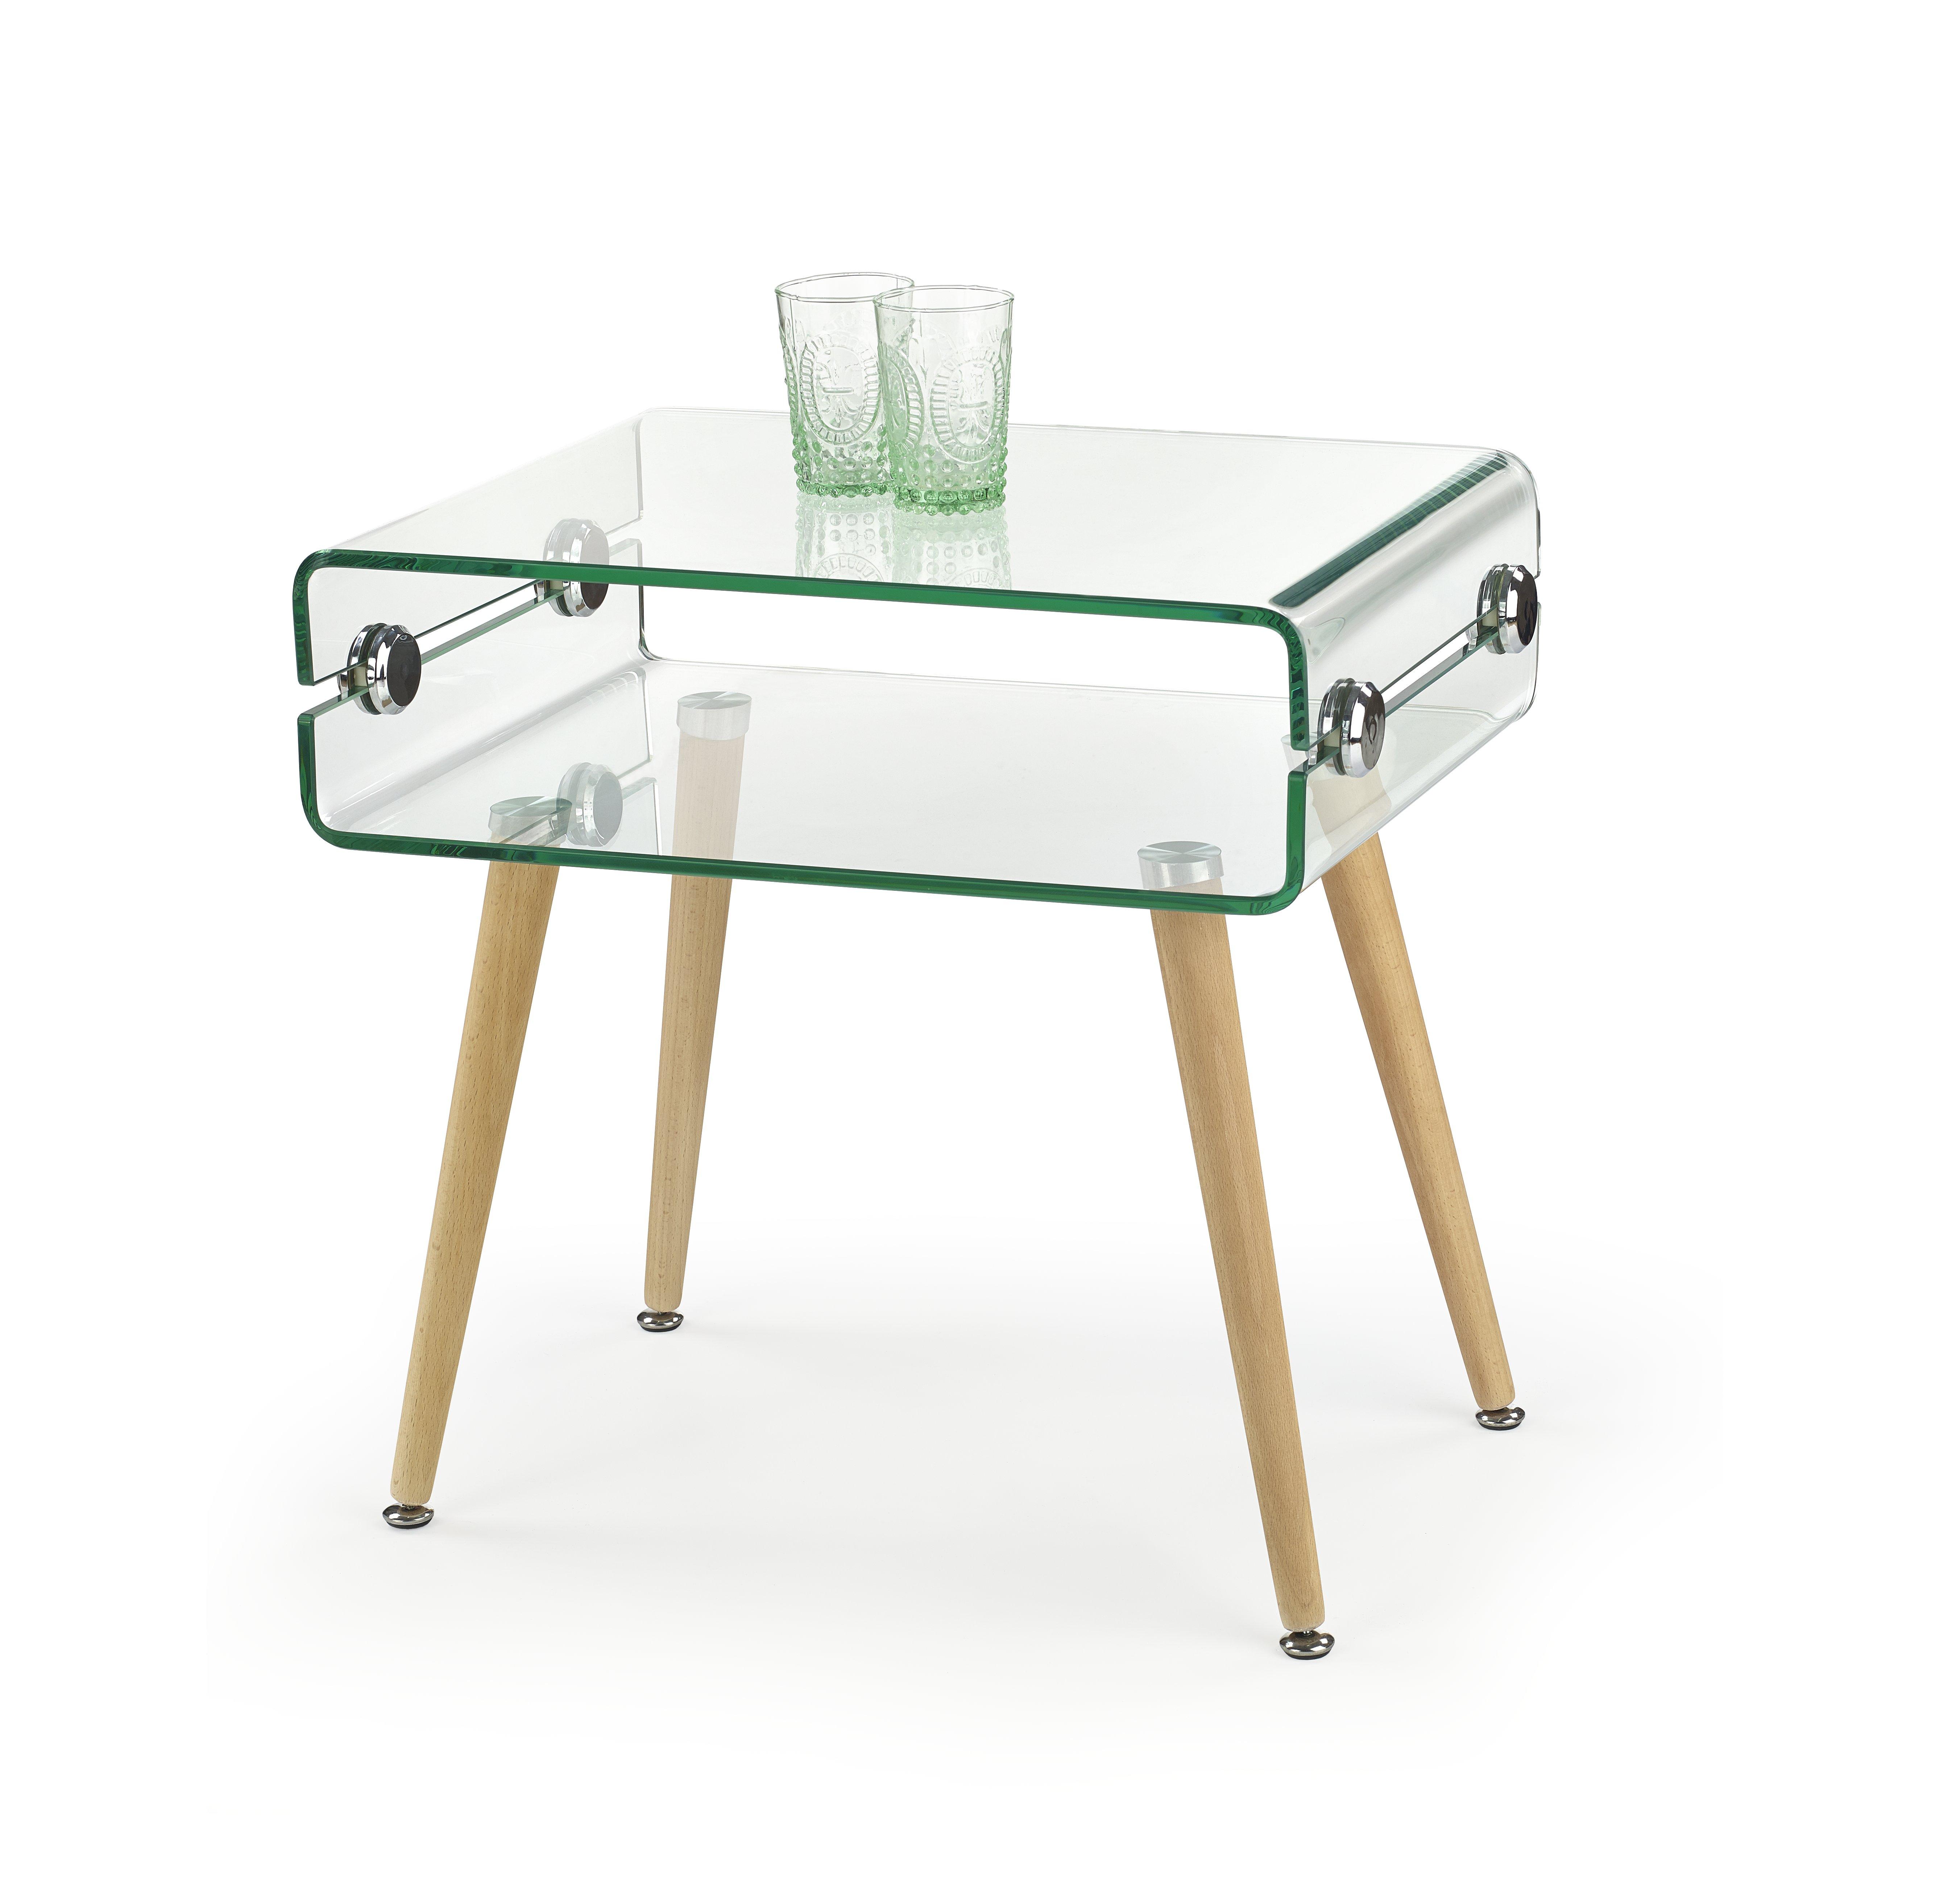 Konferenčný stolík - Halmar - Valencia. Sme autorizovaný predajca Halmar. Vlastná spoľahlivá doprava až k Vám domov.